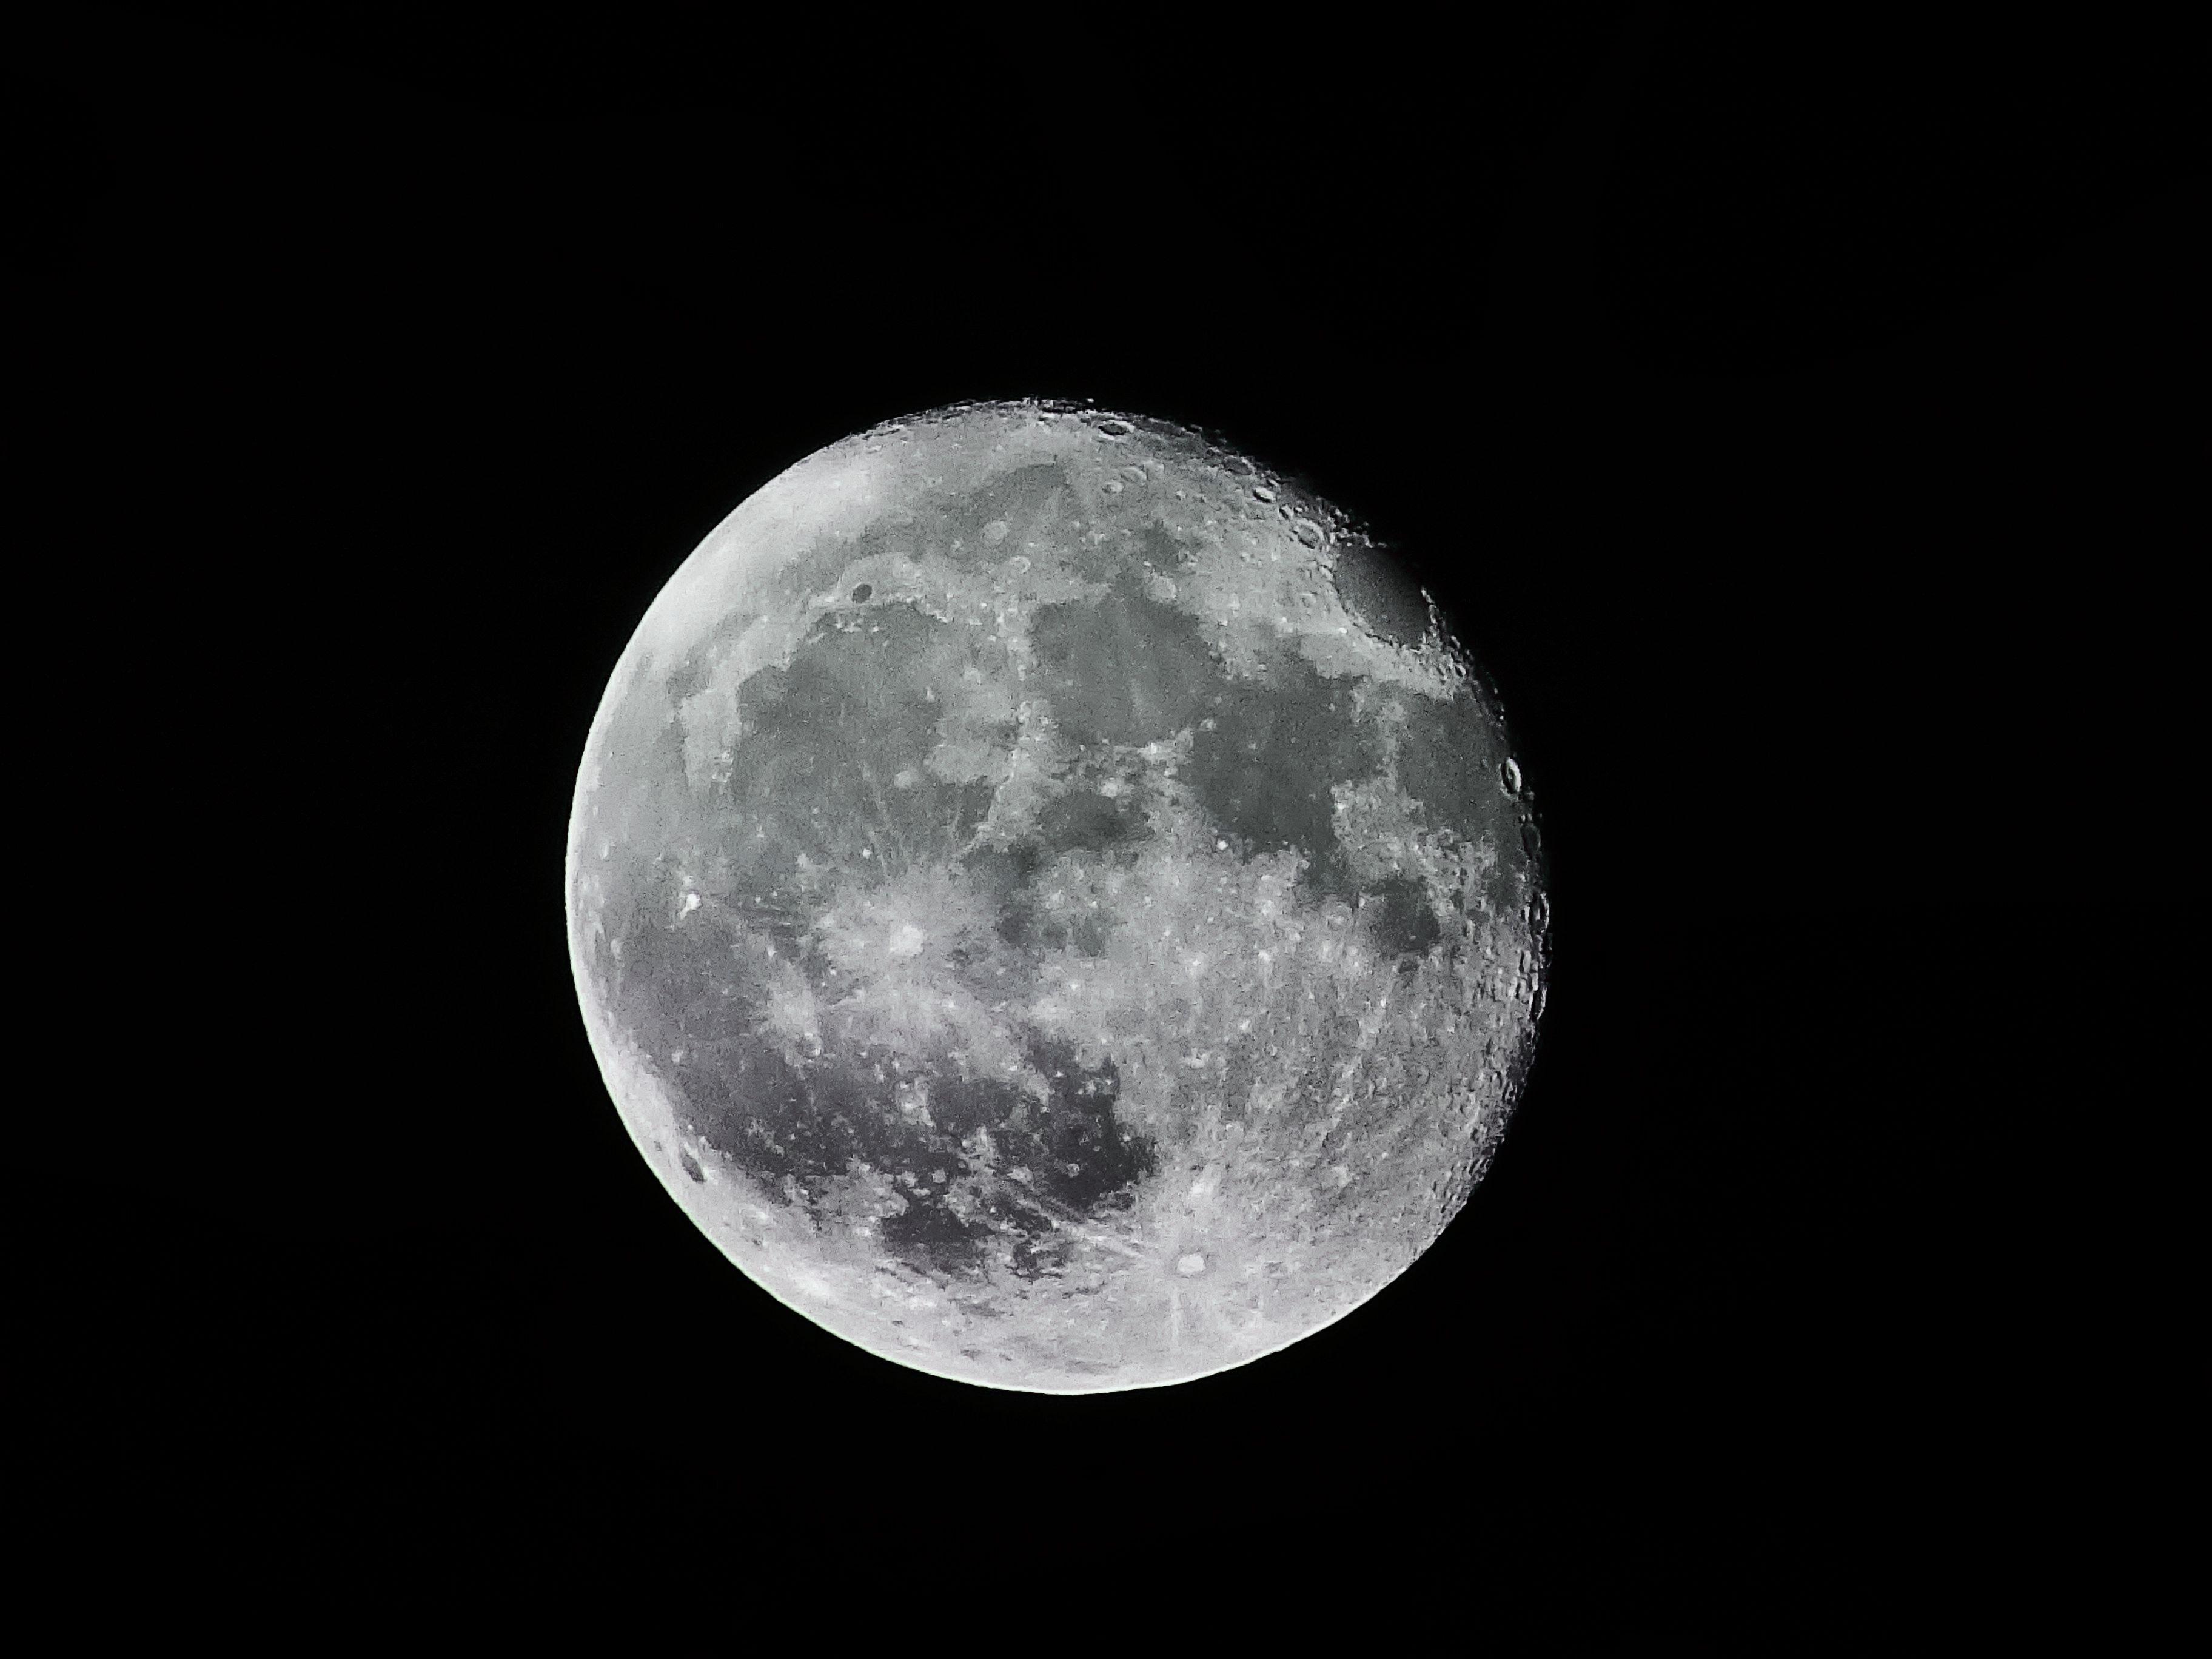 Lunar calendar by decades